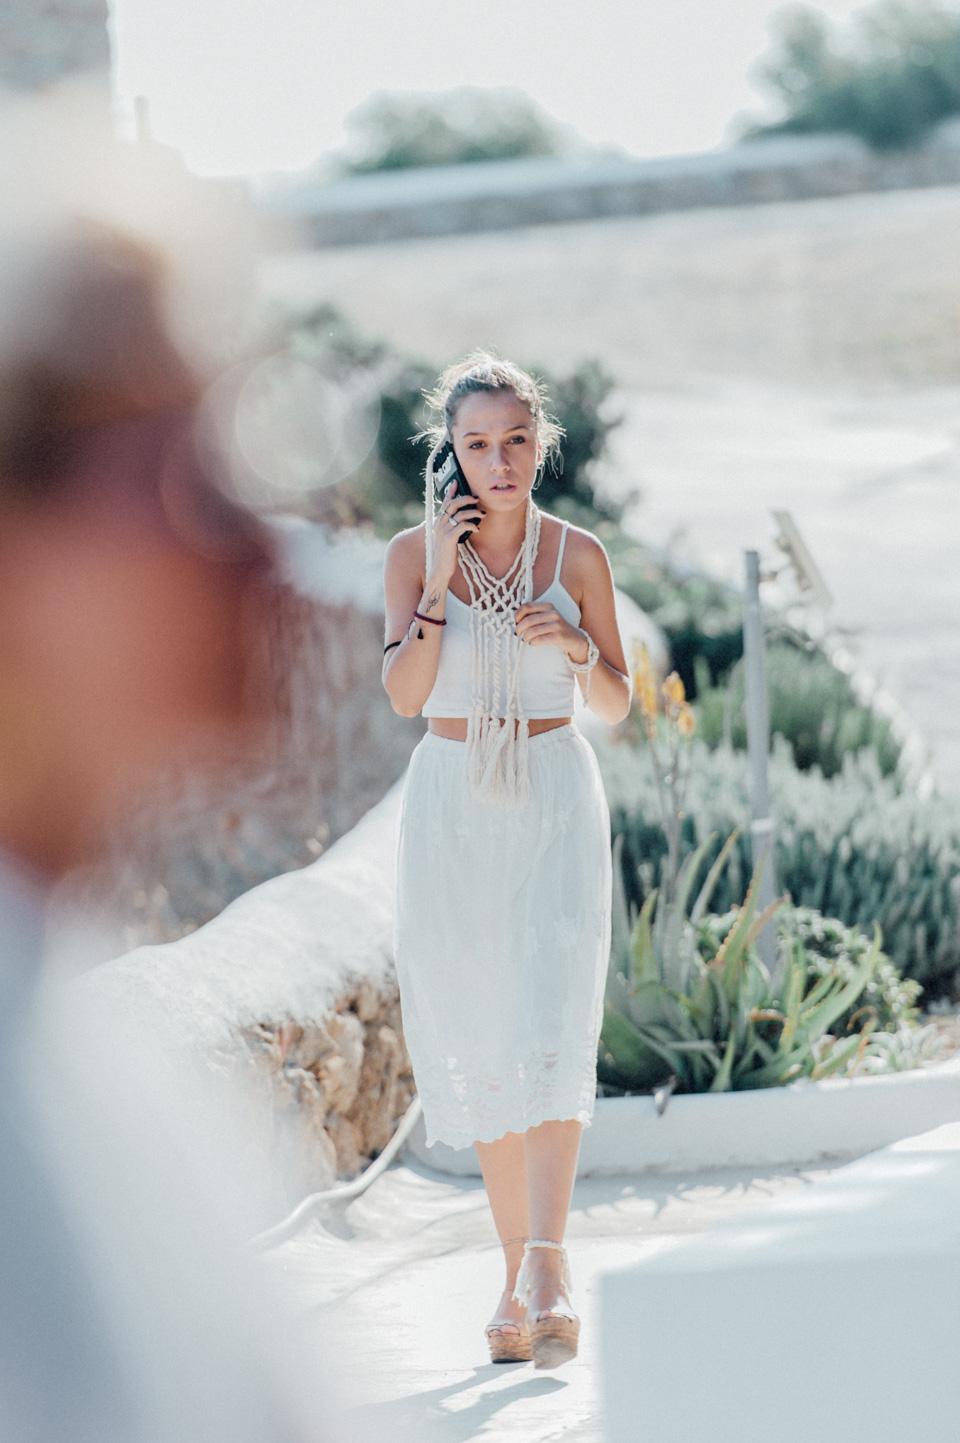 love-wins-beach-wedding-61 Ervin & Ian Love wins. Hochzeit auf Mykonos. Foto & Filmlove wins beach wedding 61